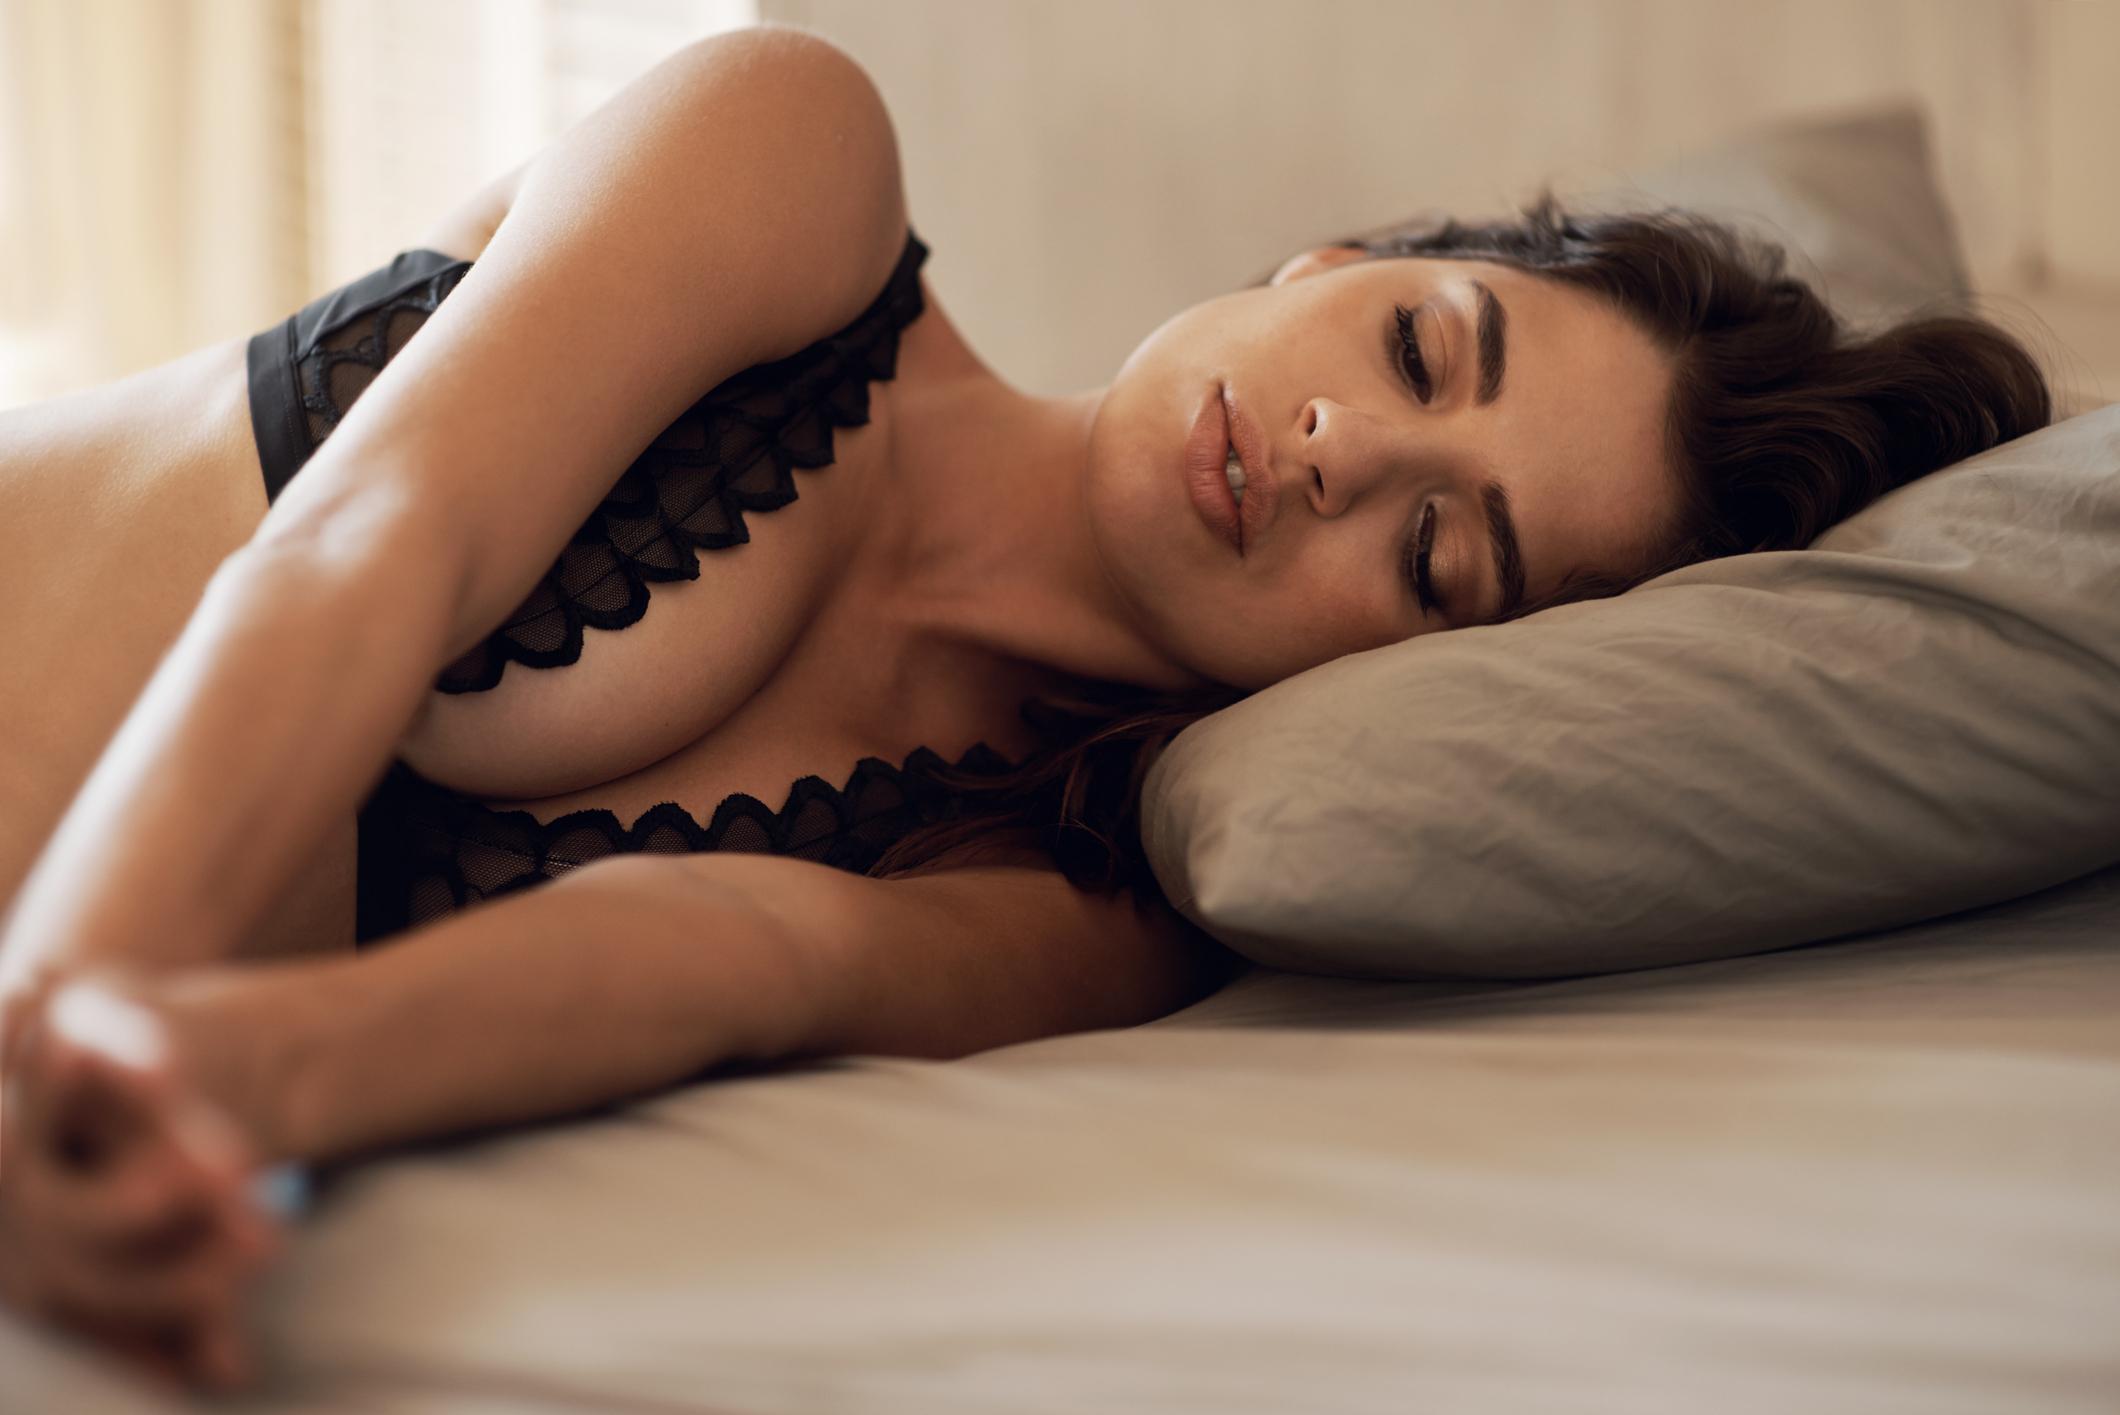 Sexe anal rattachement